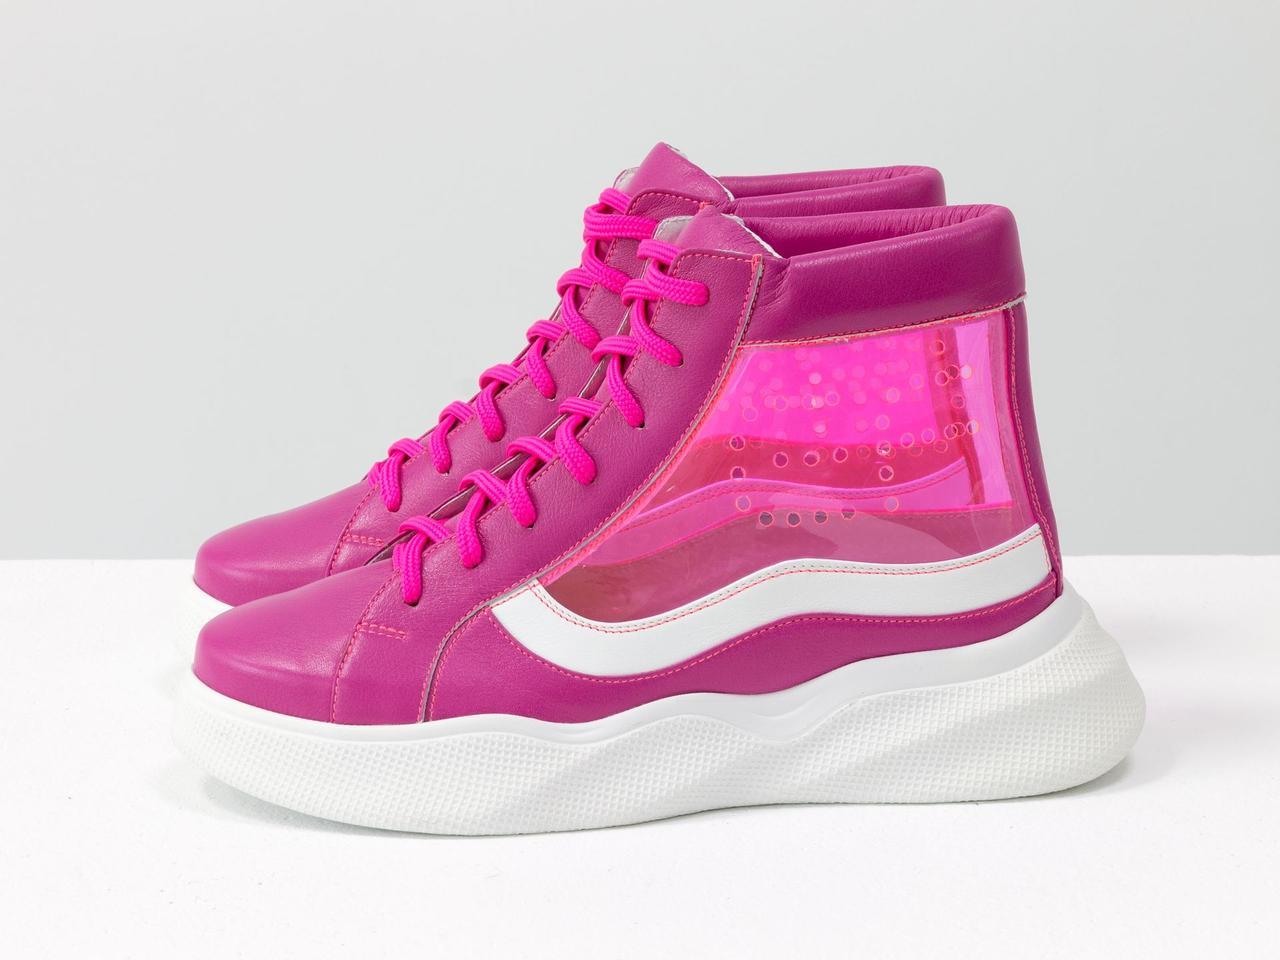 Дизайнерские прозрачные ботинки из натуральной кожи малинового и белого цвета со вставками из мягкого силикона - фото 7